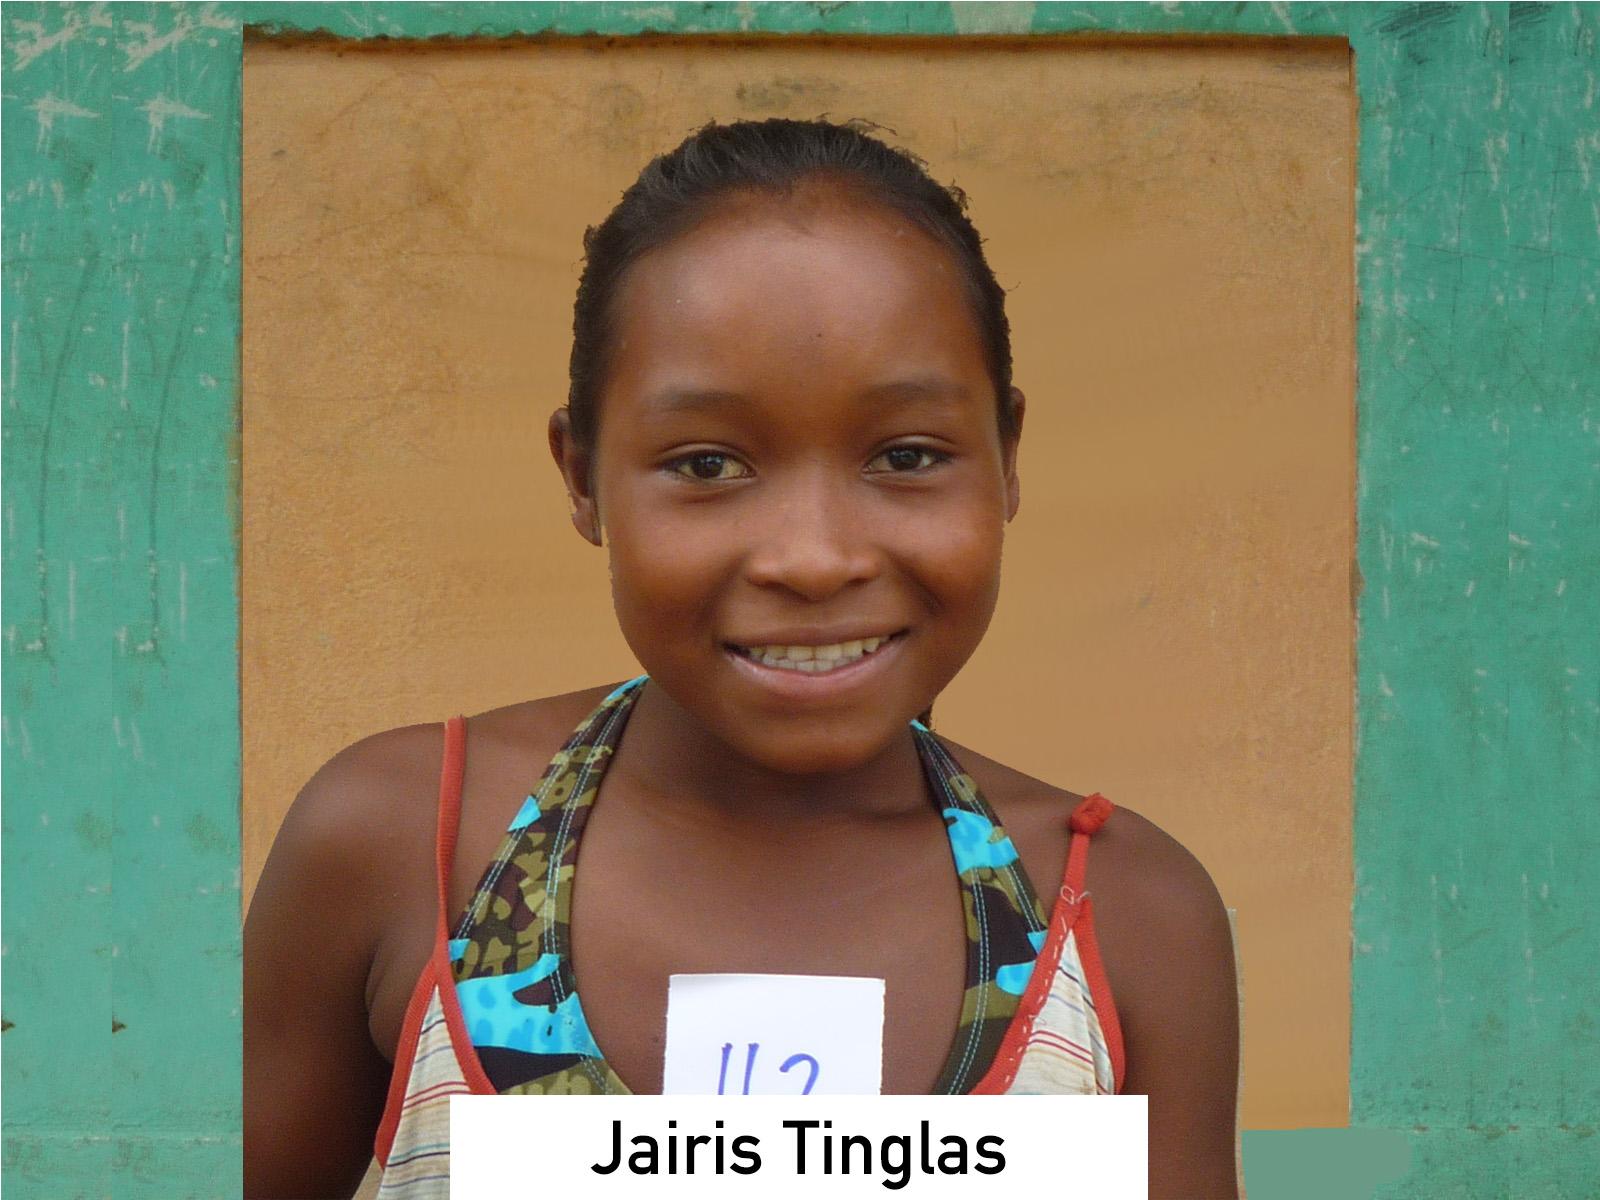 042 - Jairis Tinglas.jpg